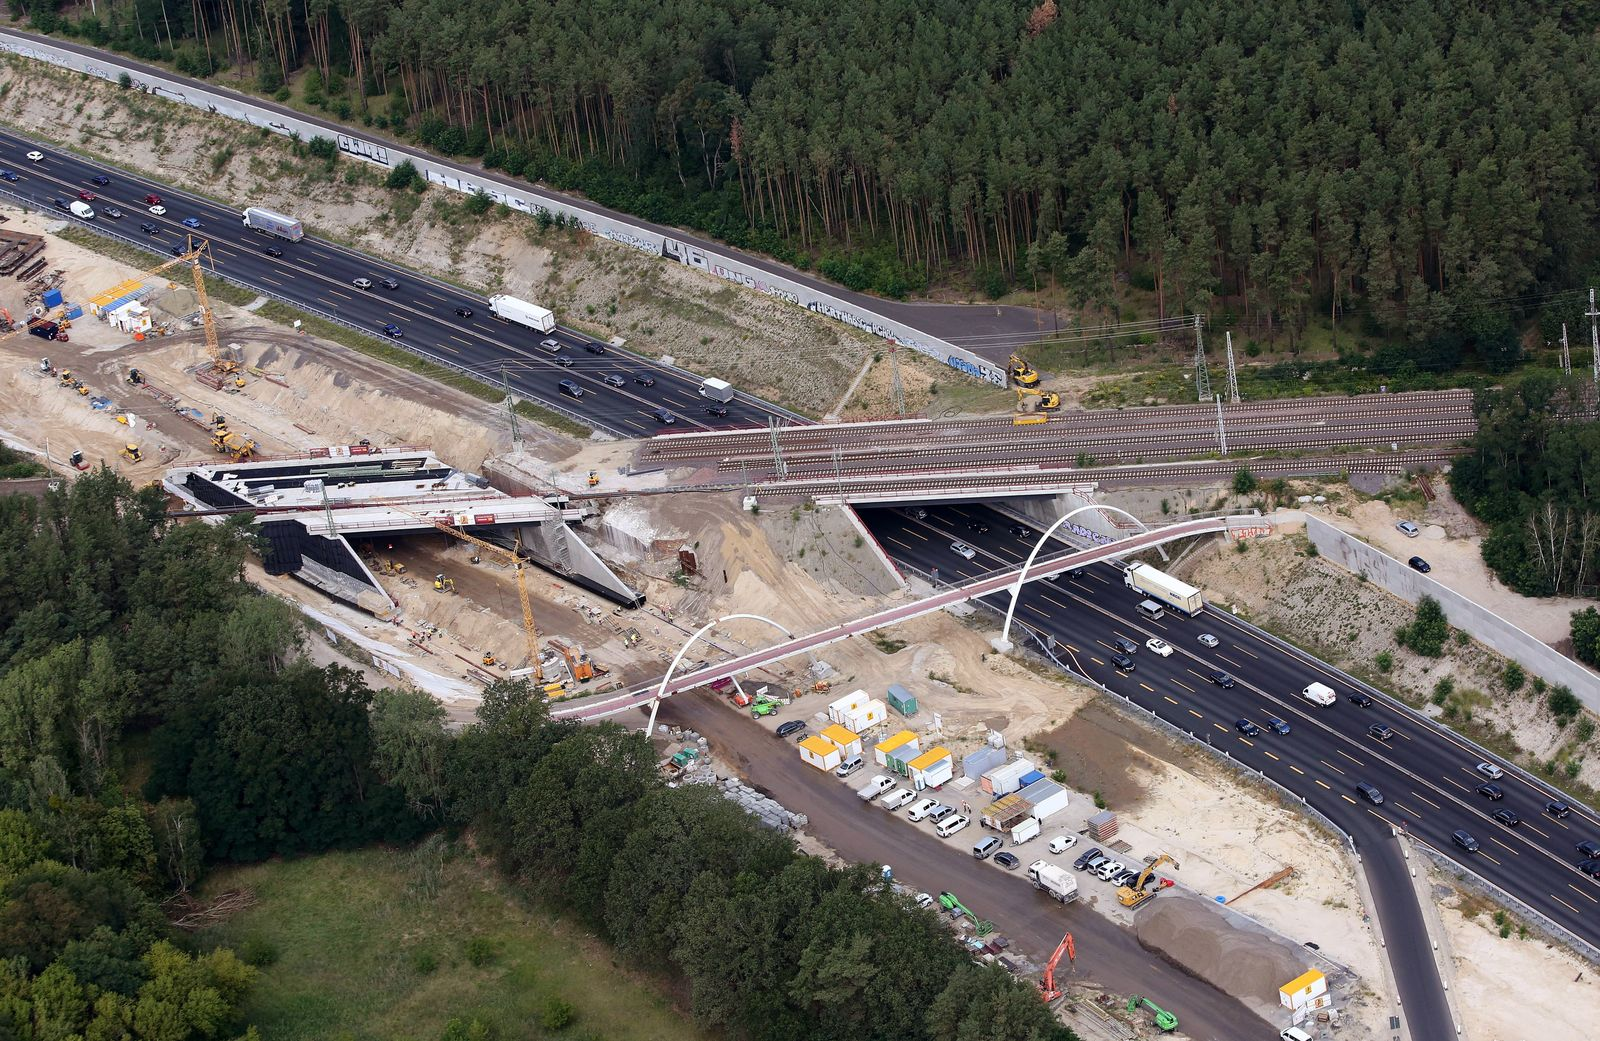 Schwarze Null / Strassen-Sanierung / Autobahn-Sanierung / Investition / Infrastruktur